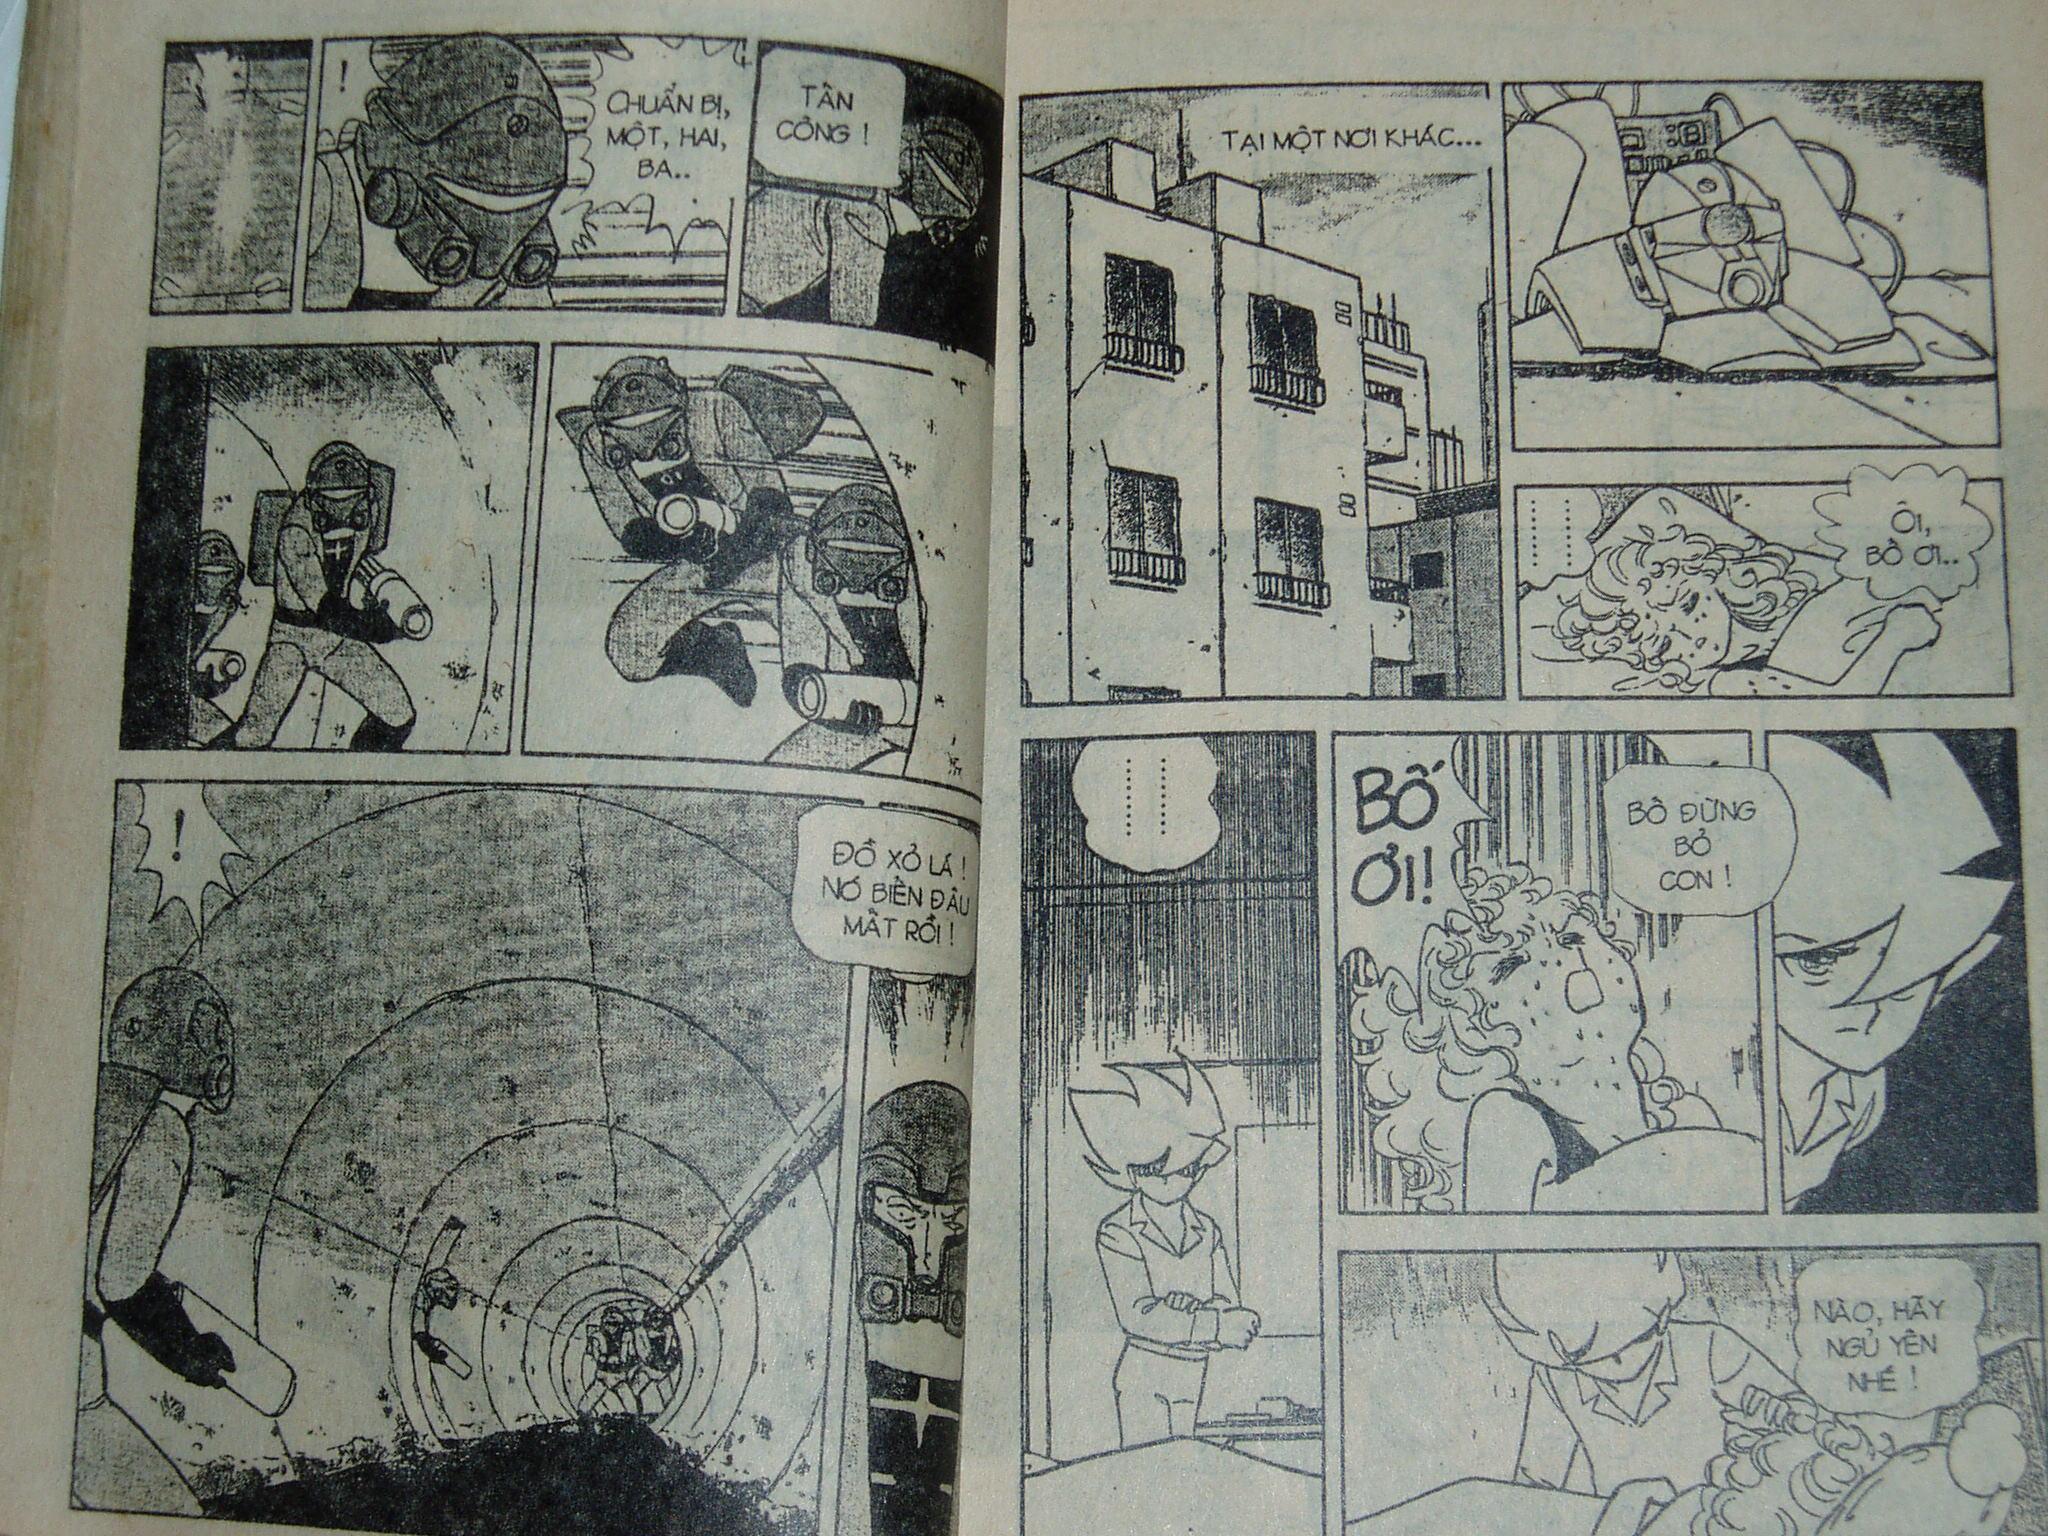 Siêu nhân Locke vol 16 trang 24